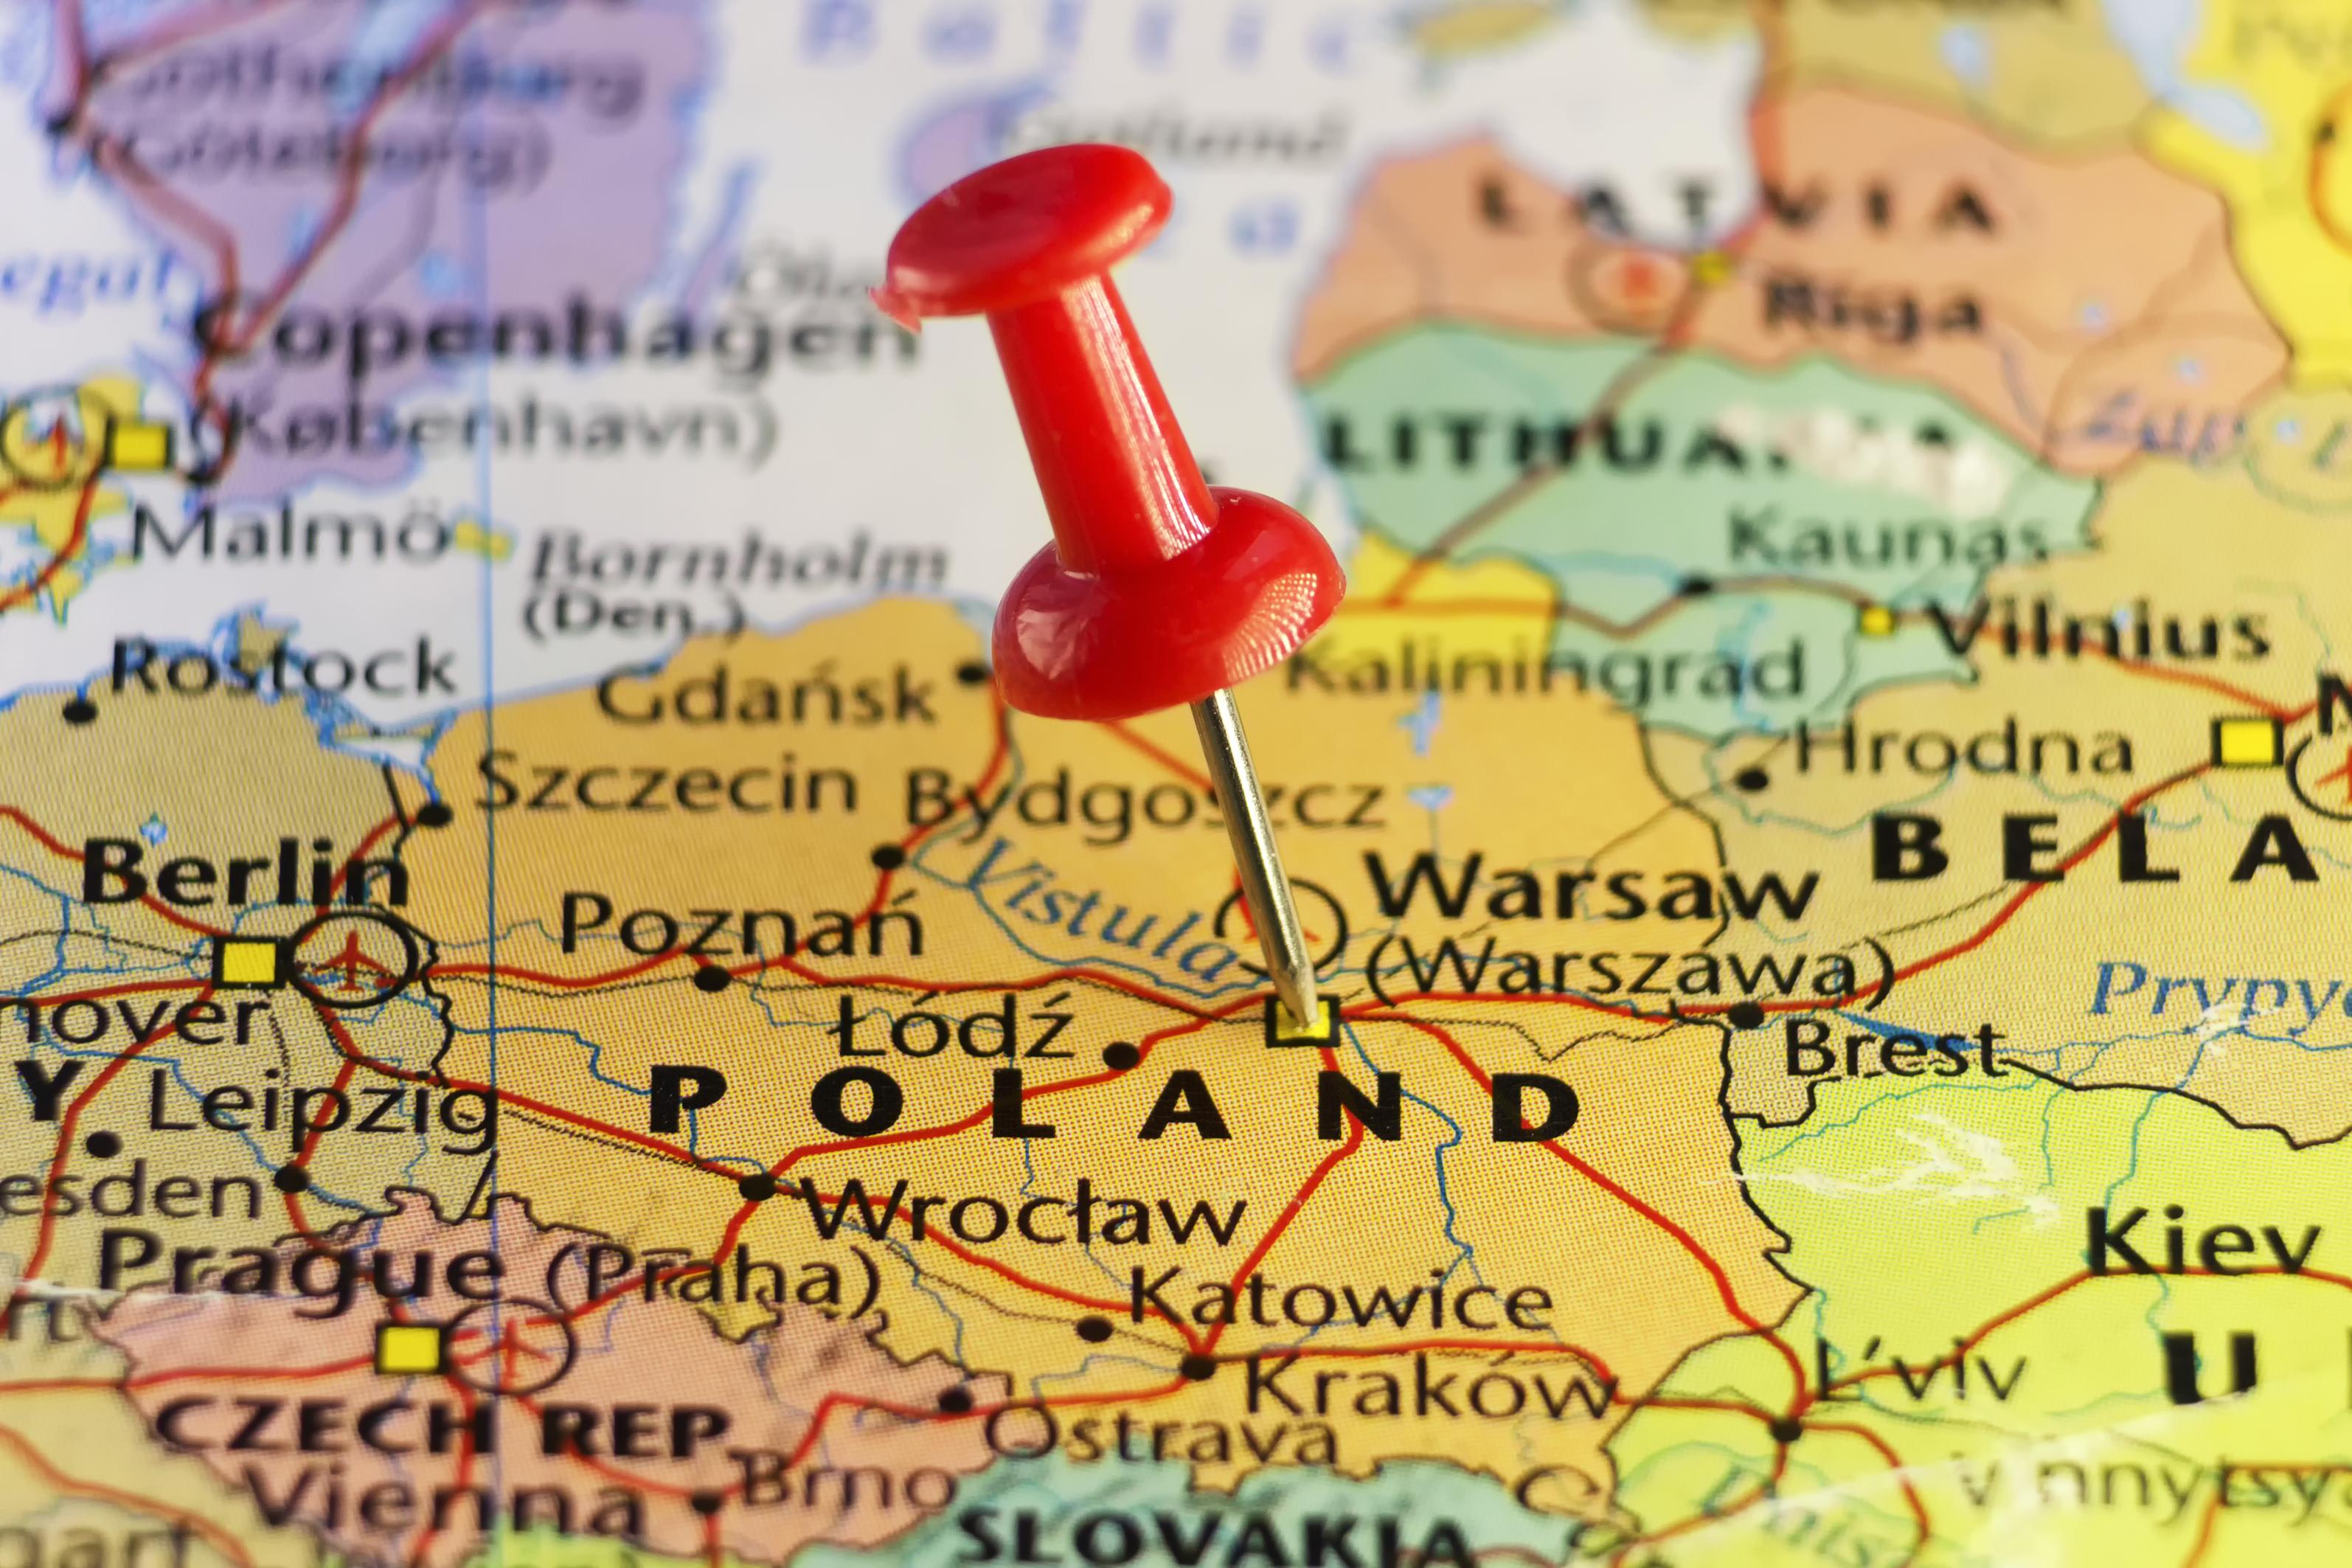 Карта Польши, ПМЖ которой могут получить иностранные граждане